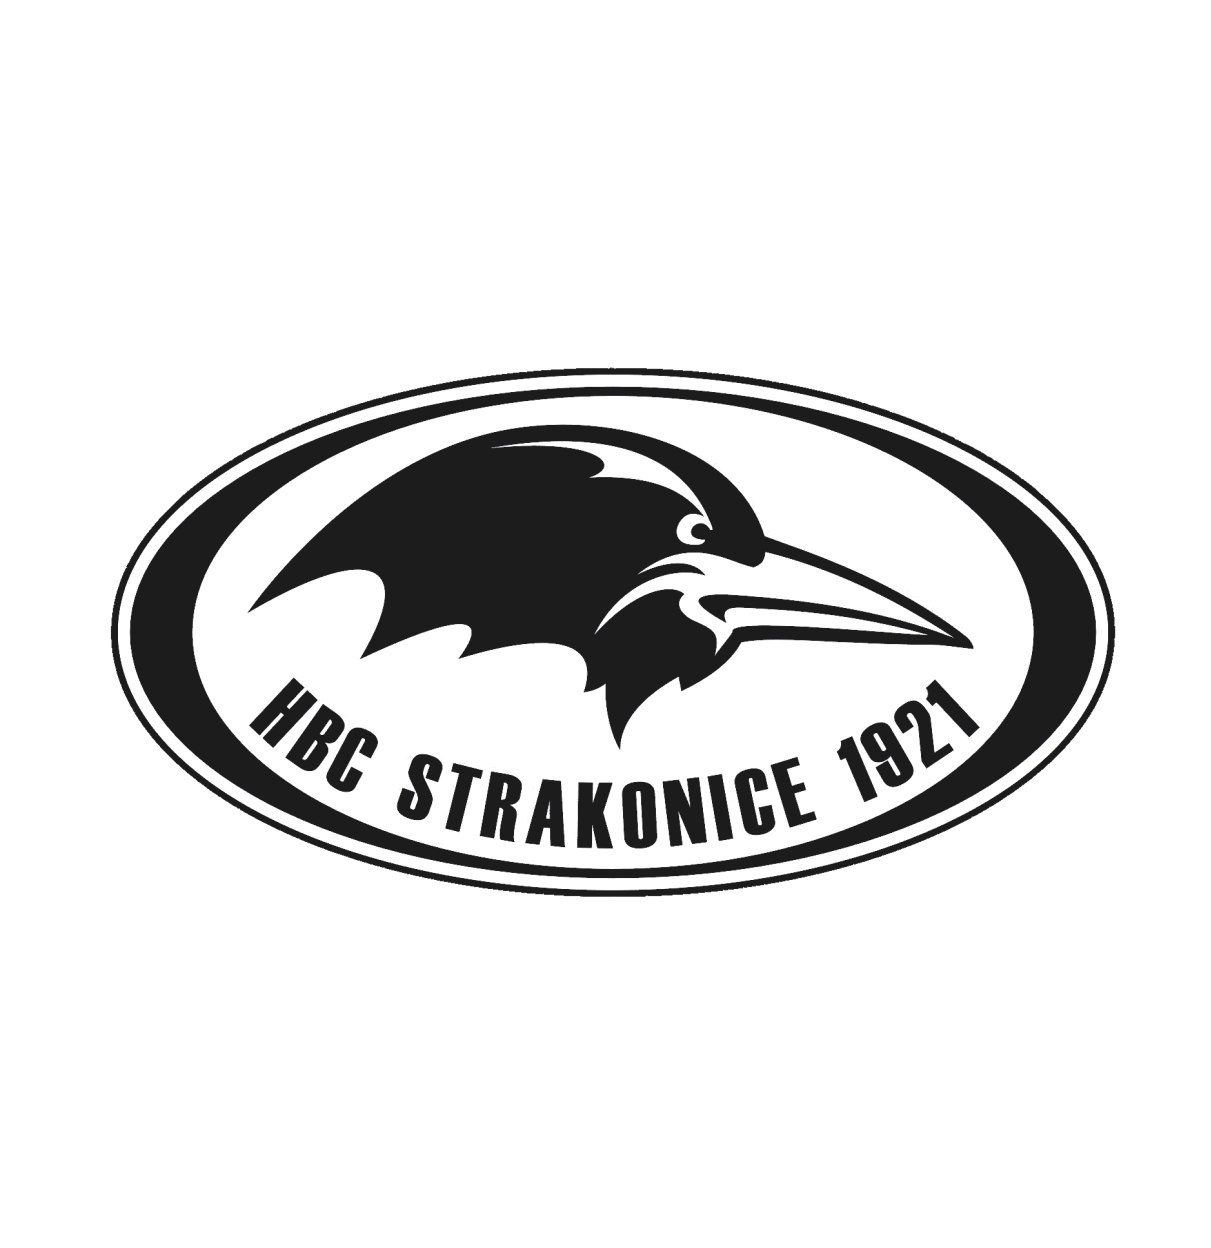 HBC Strakonice 1921